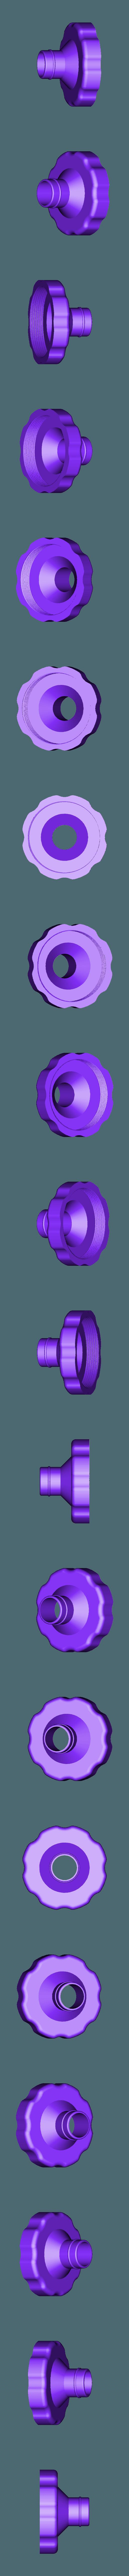 IntexPoolAdapter_1.25_Hose_v2.stl Télécharger fichier STL gratuit Adaptateur Intex Pool pour prise de tuyau de 1,25 • Design pour impression 3D, RT3DWorkshop